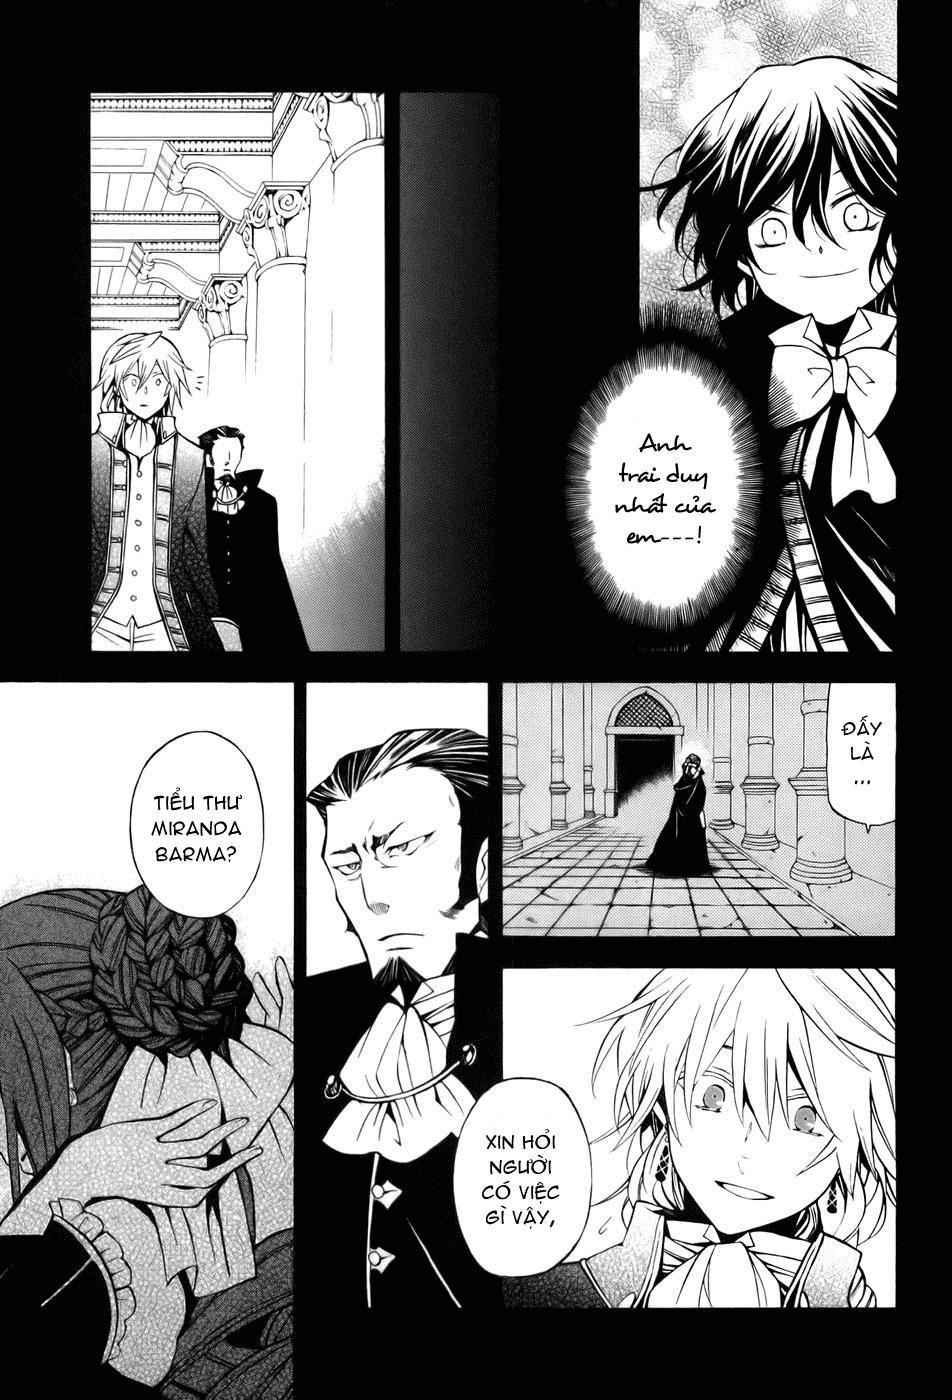 Pandora Hearts chương 039 - retrace: xxxix gate of blackness (tr.72. fixed ver.) trang 16